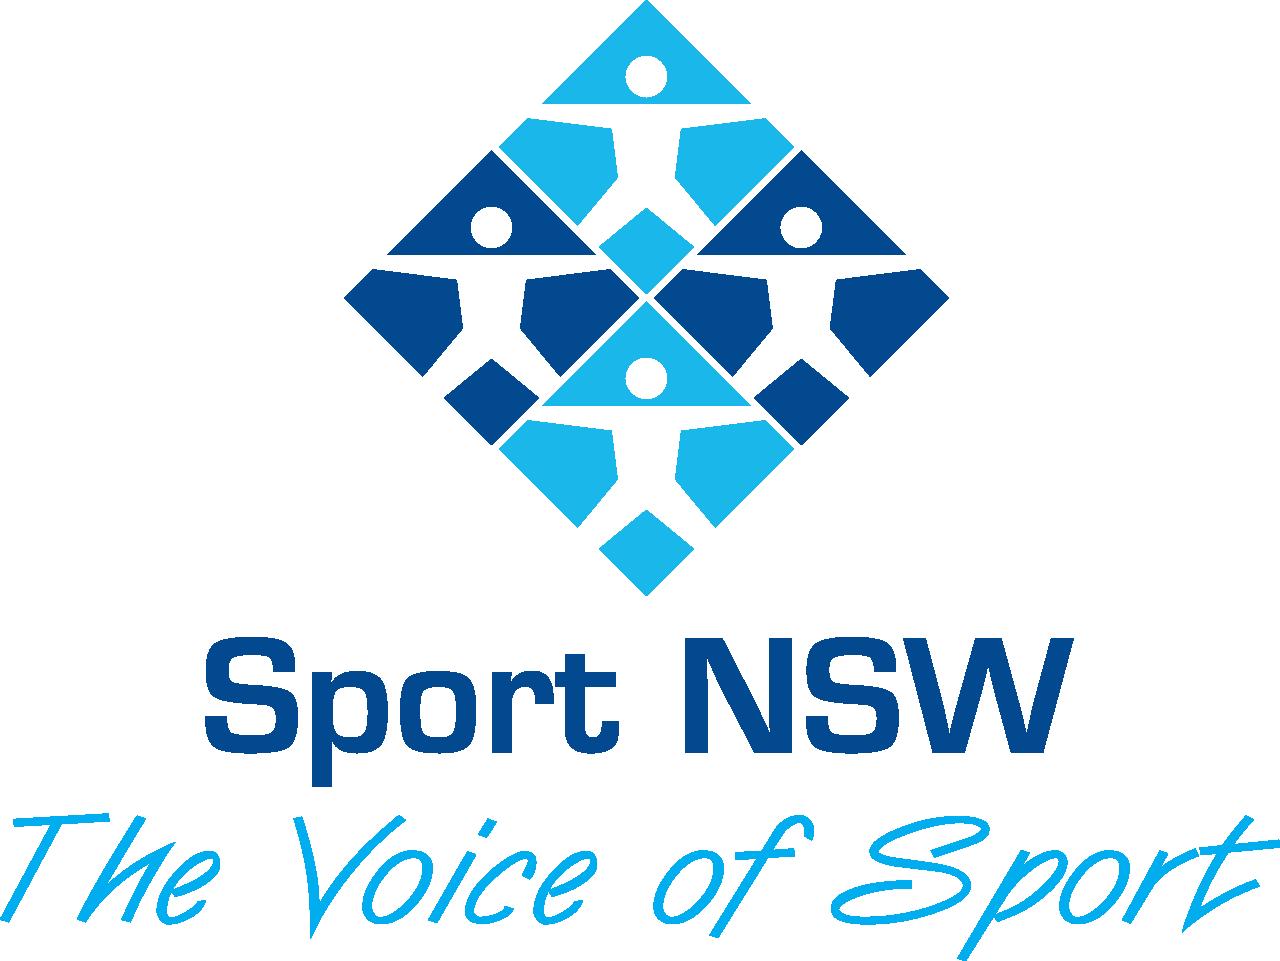 Sport_NSW_logo_2014